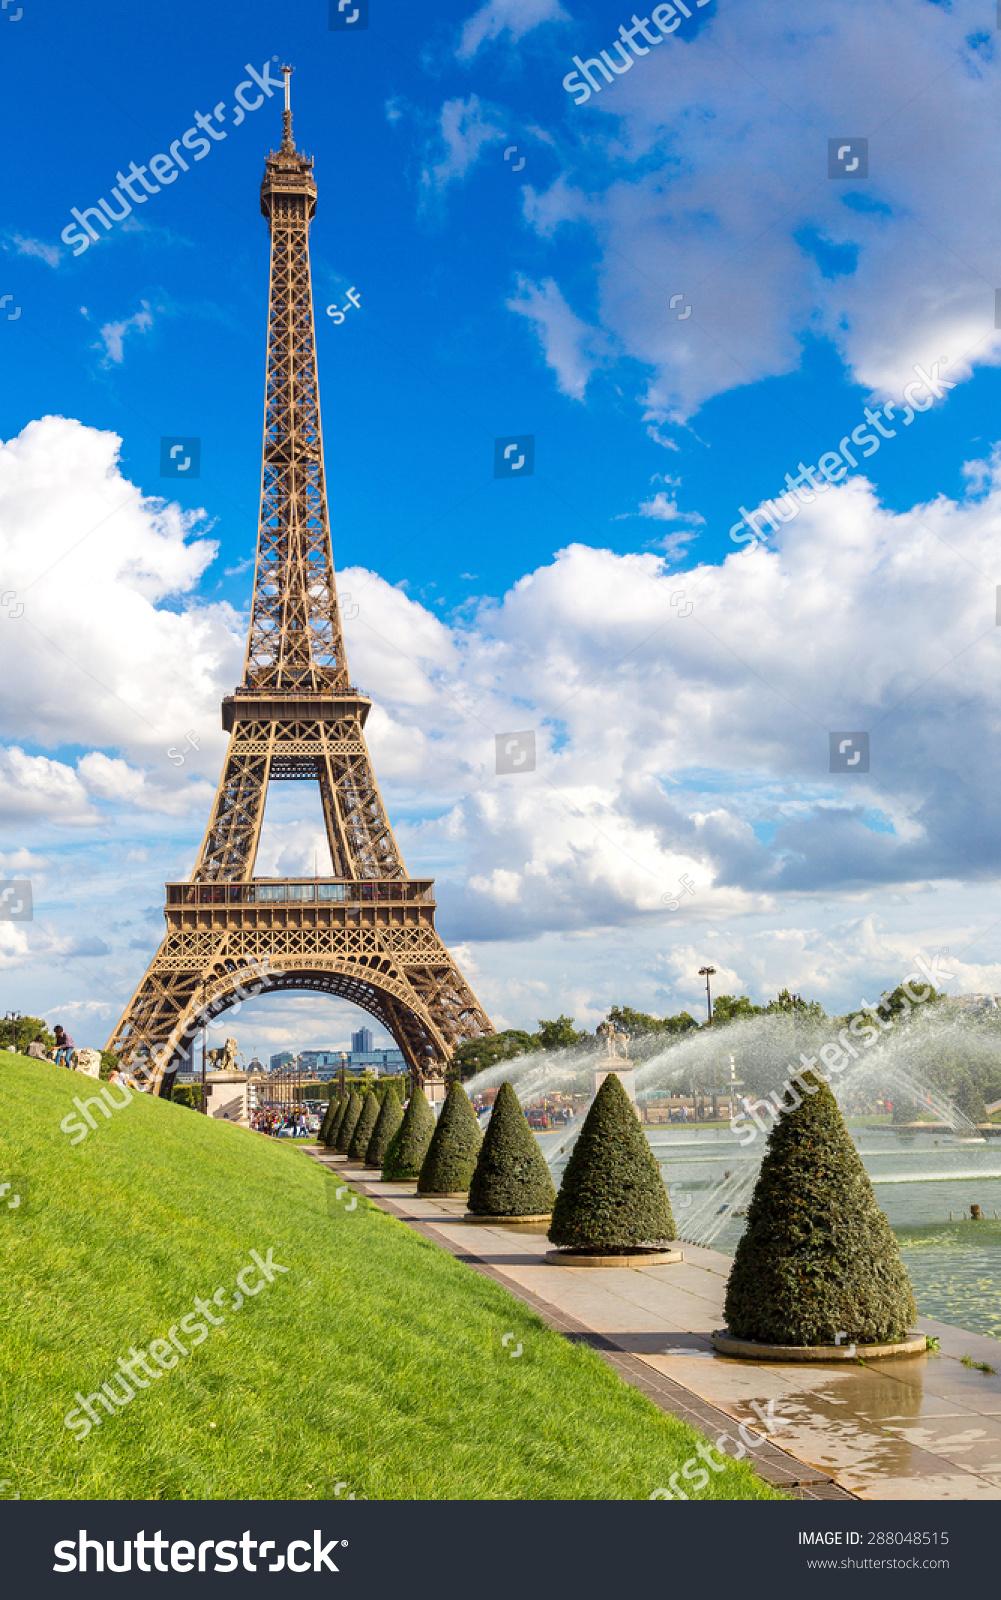 埃菲尔铁塔在法国和最著名的名胜之一的巴黎的象征